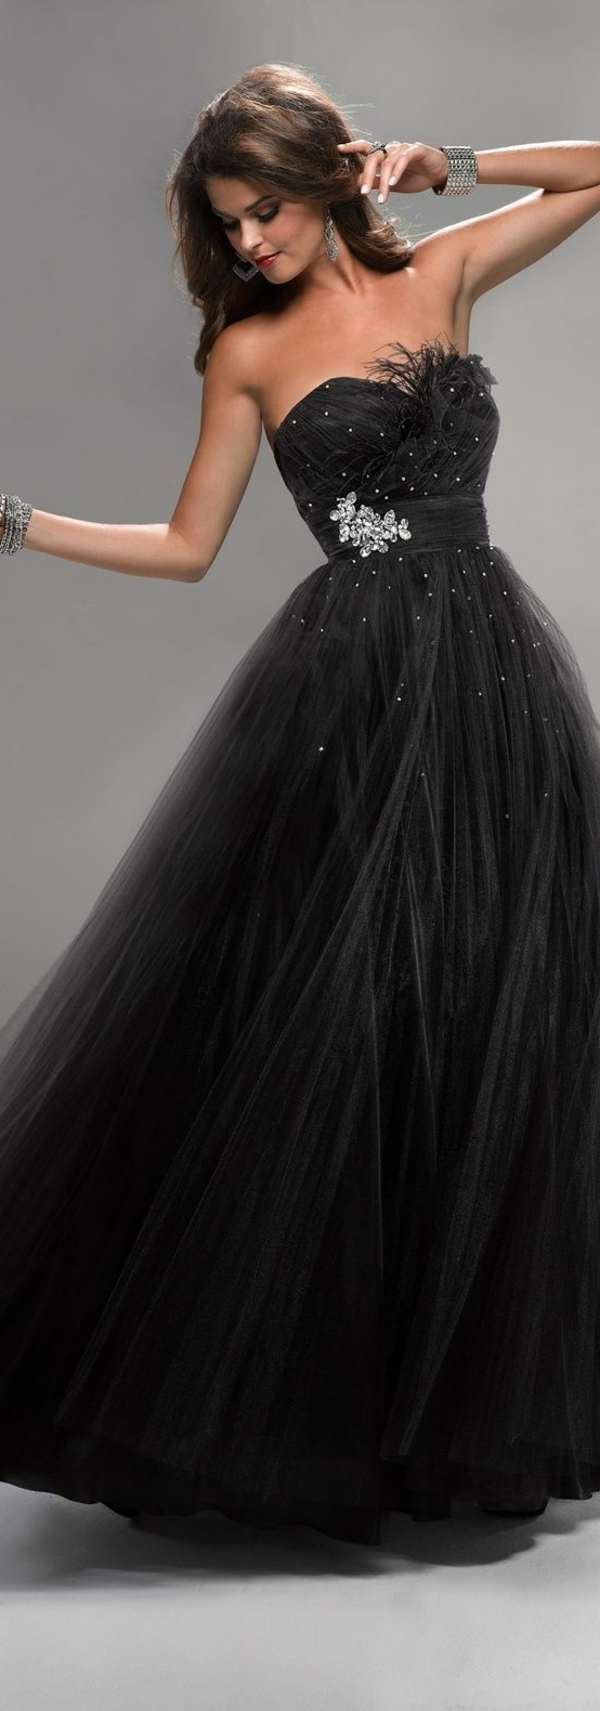 robe-de-soirée-robe-longue-noire-robe-bal-de-promo